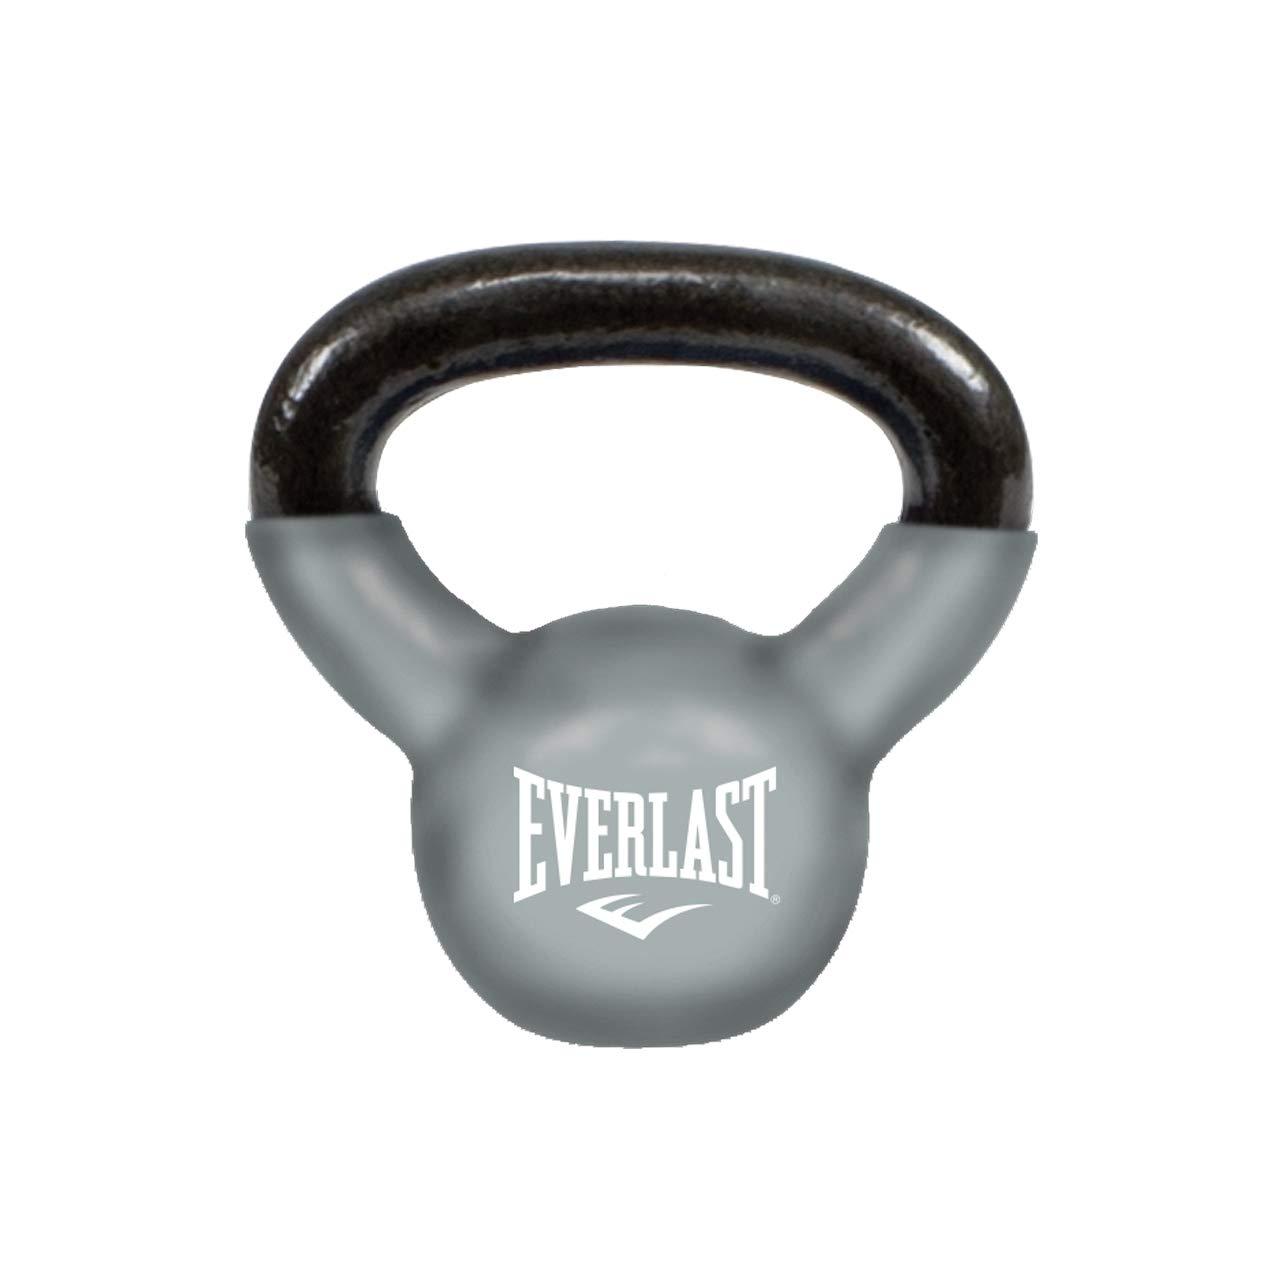 Everlast Vinyl Dipped Kettlebell